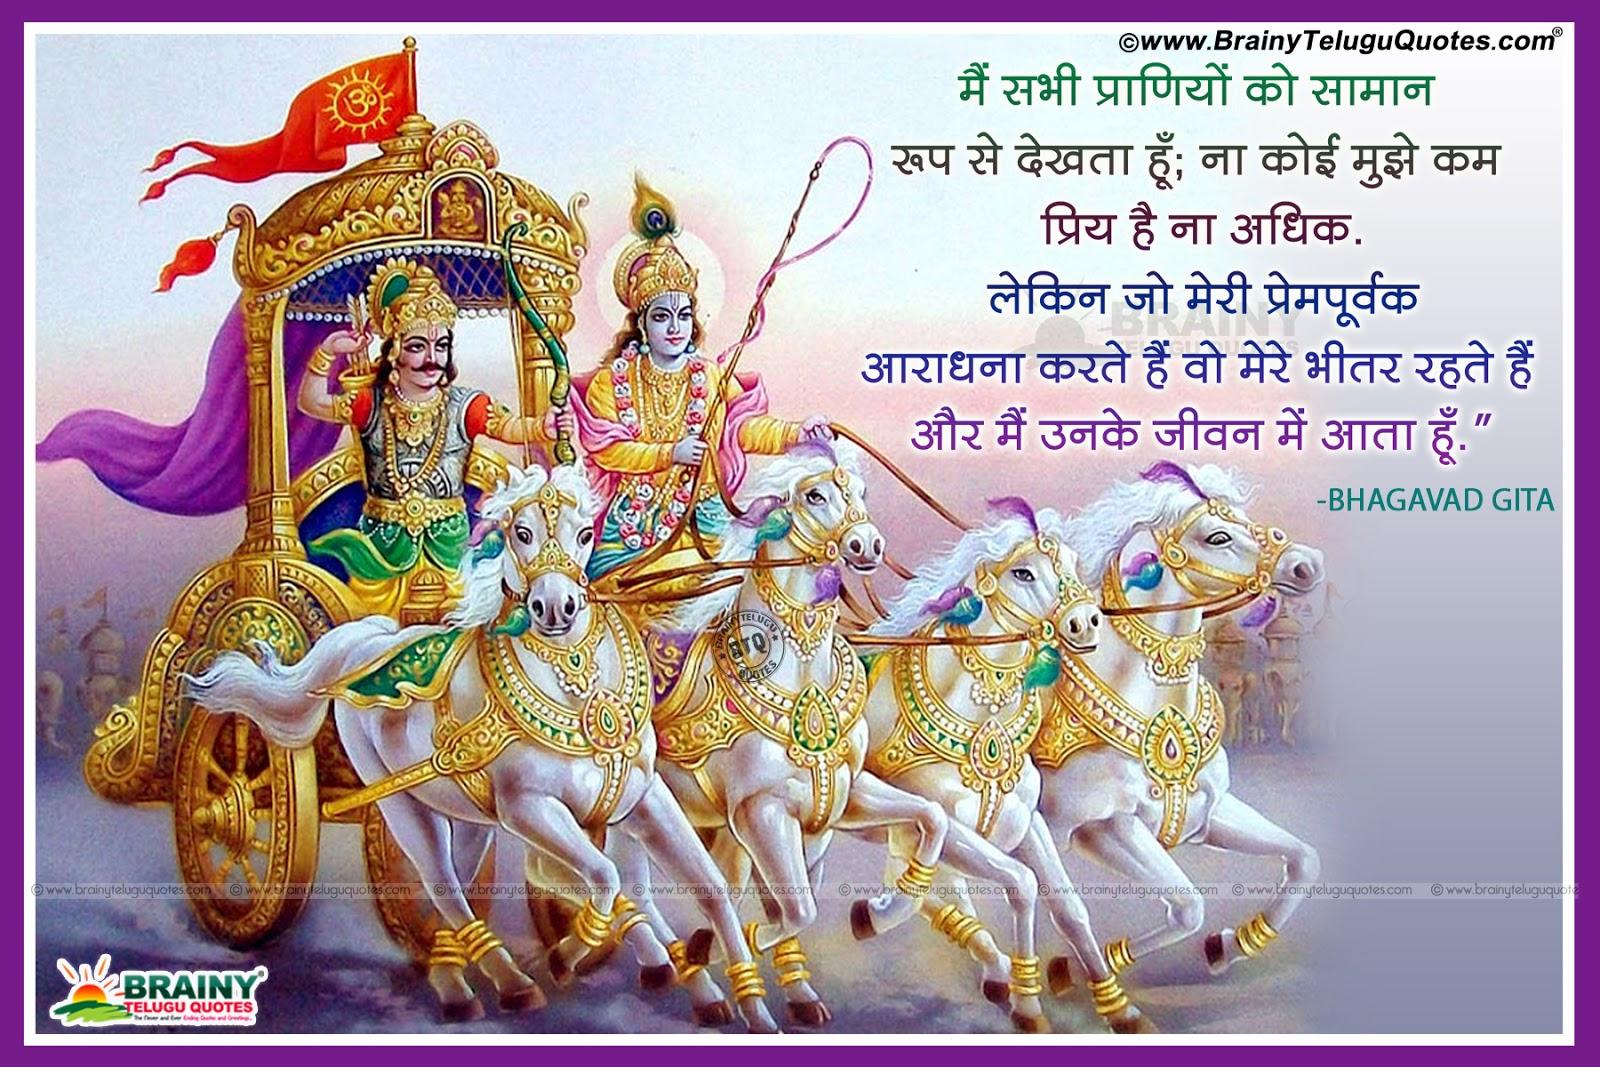 Top 100+ Inspiration Bhagavad Gita Quotes In Telugu